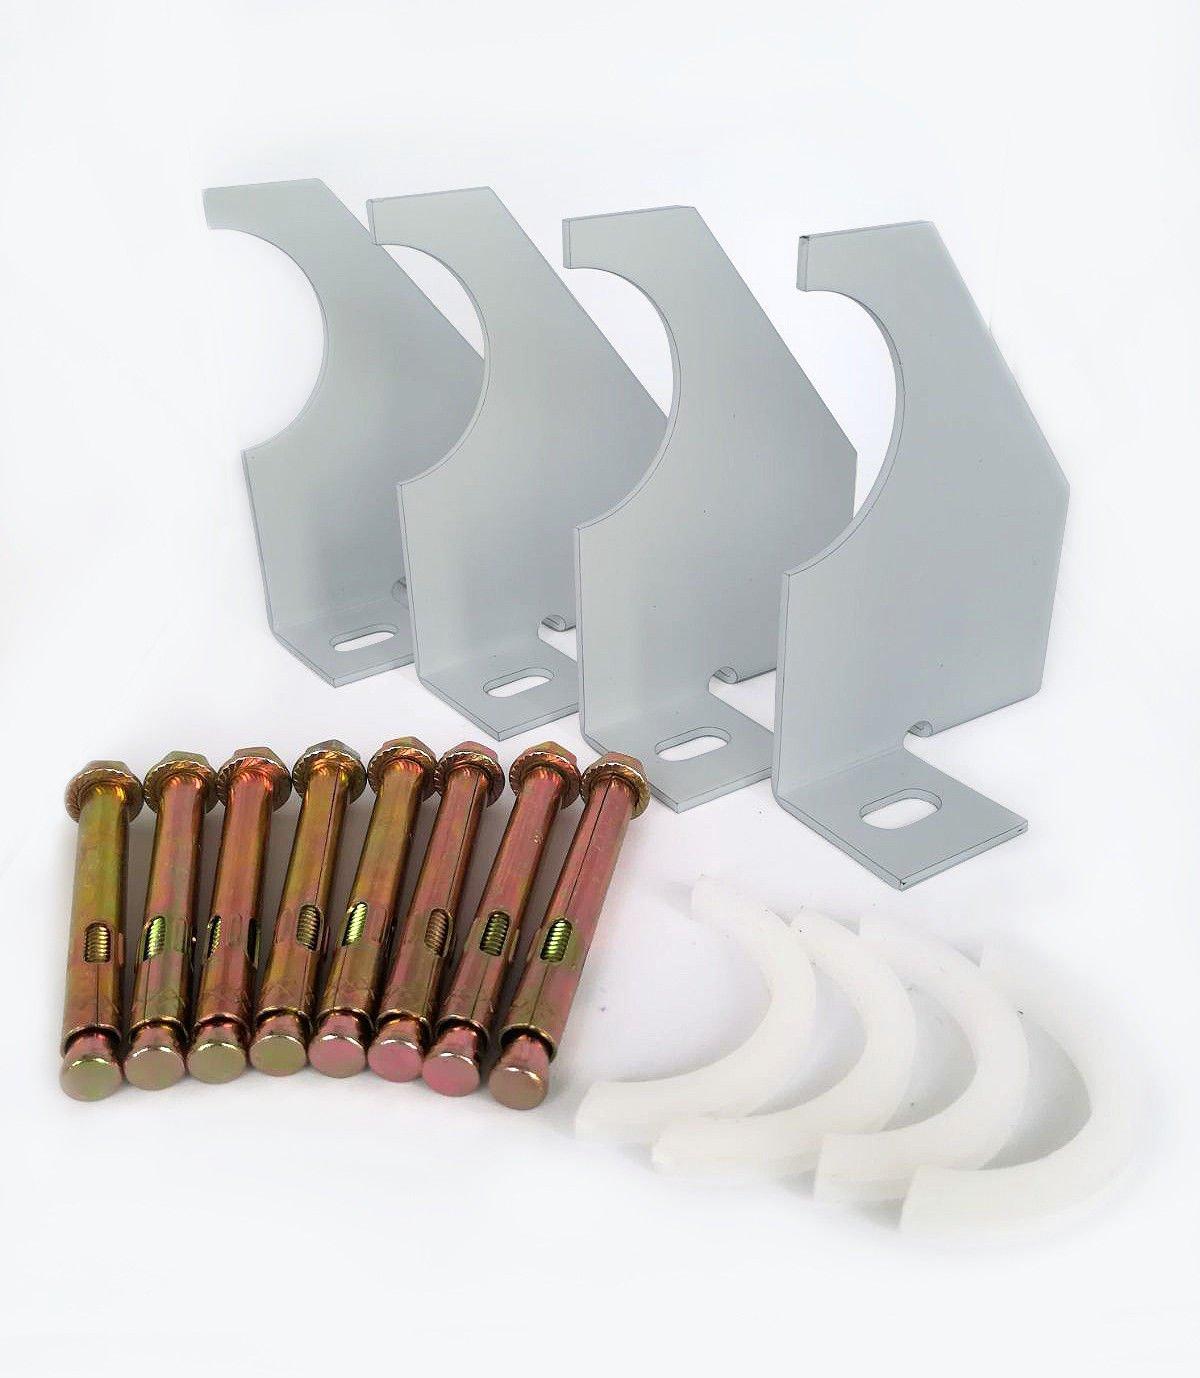 Design vertical à colonnes Bras simple universel Radiateur Supports de fixation (75mm, Argent) B & Z